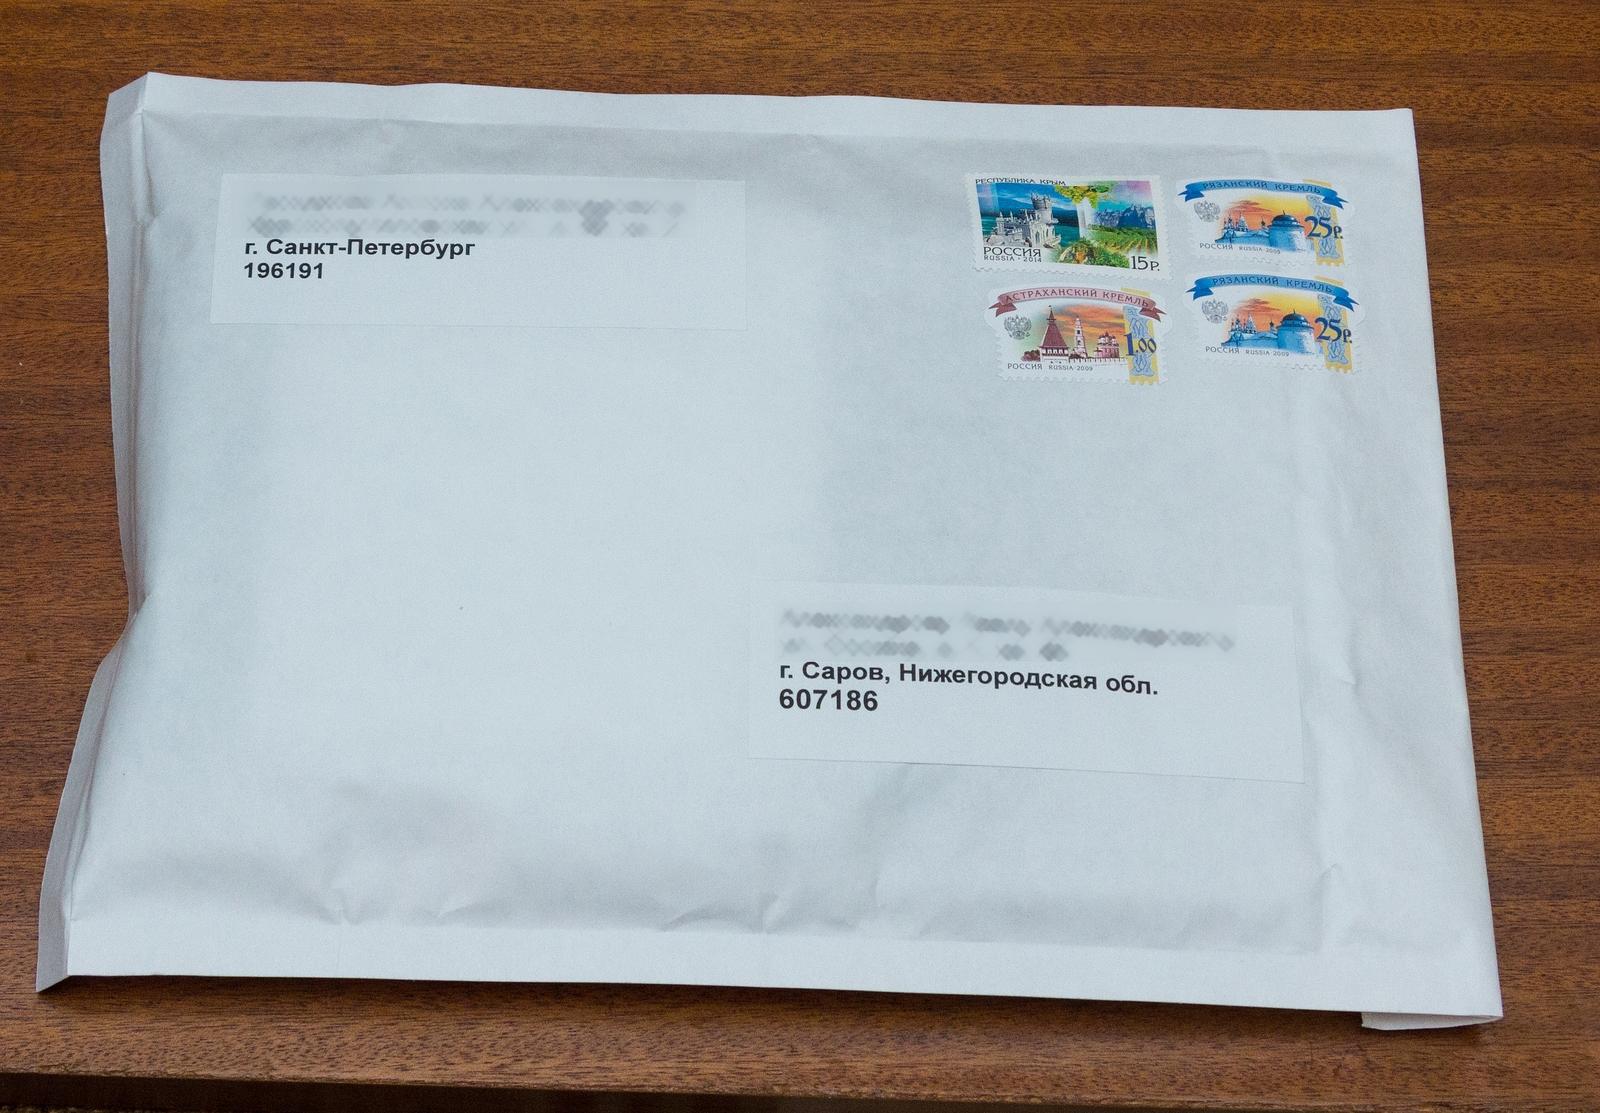 Как клеить марки на конверт по россии